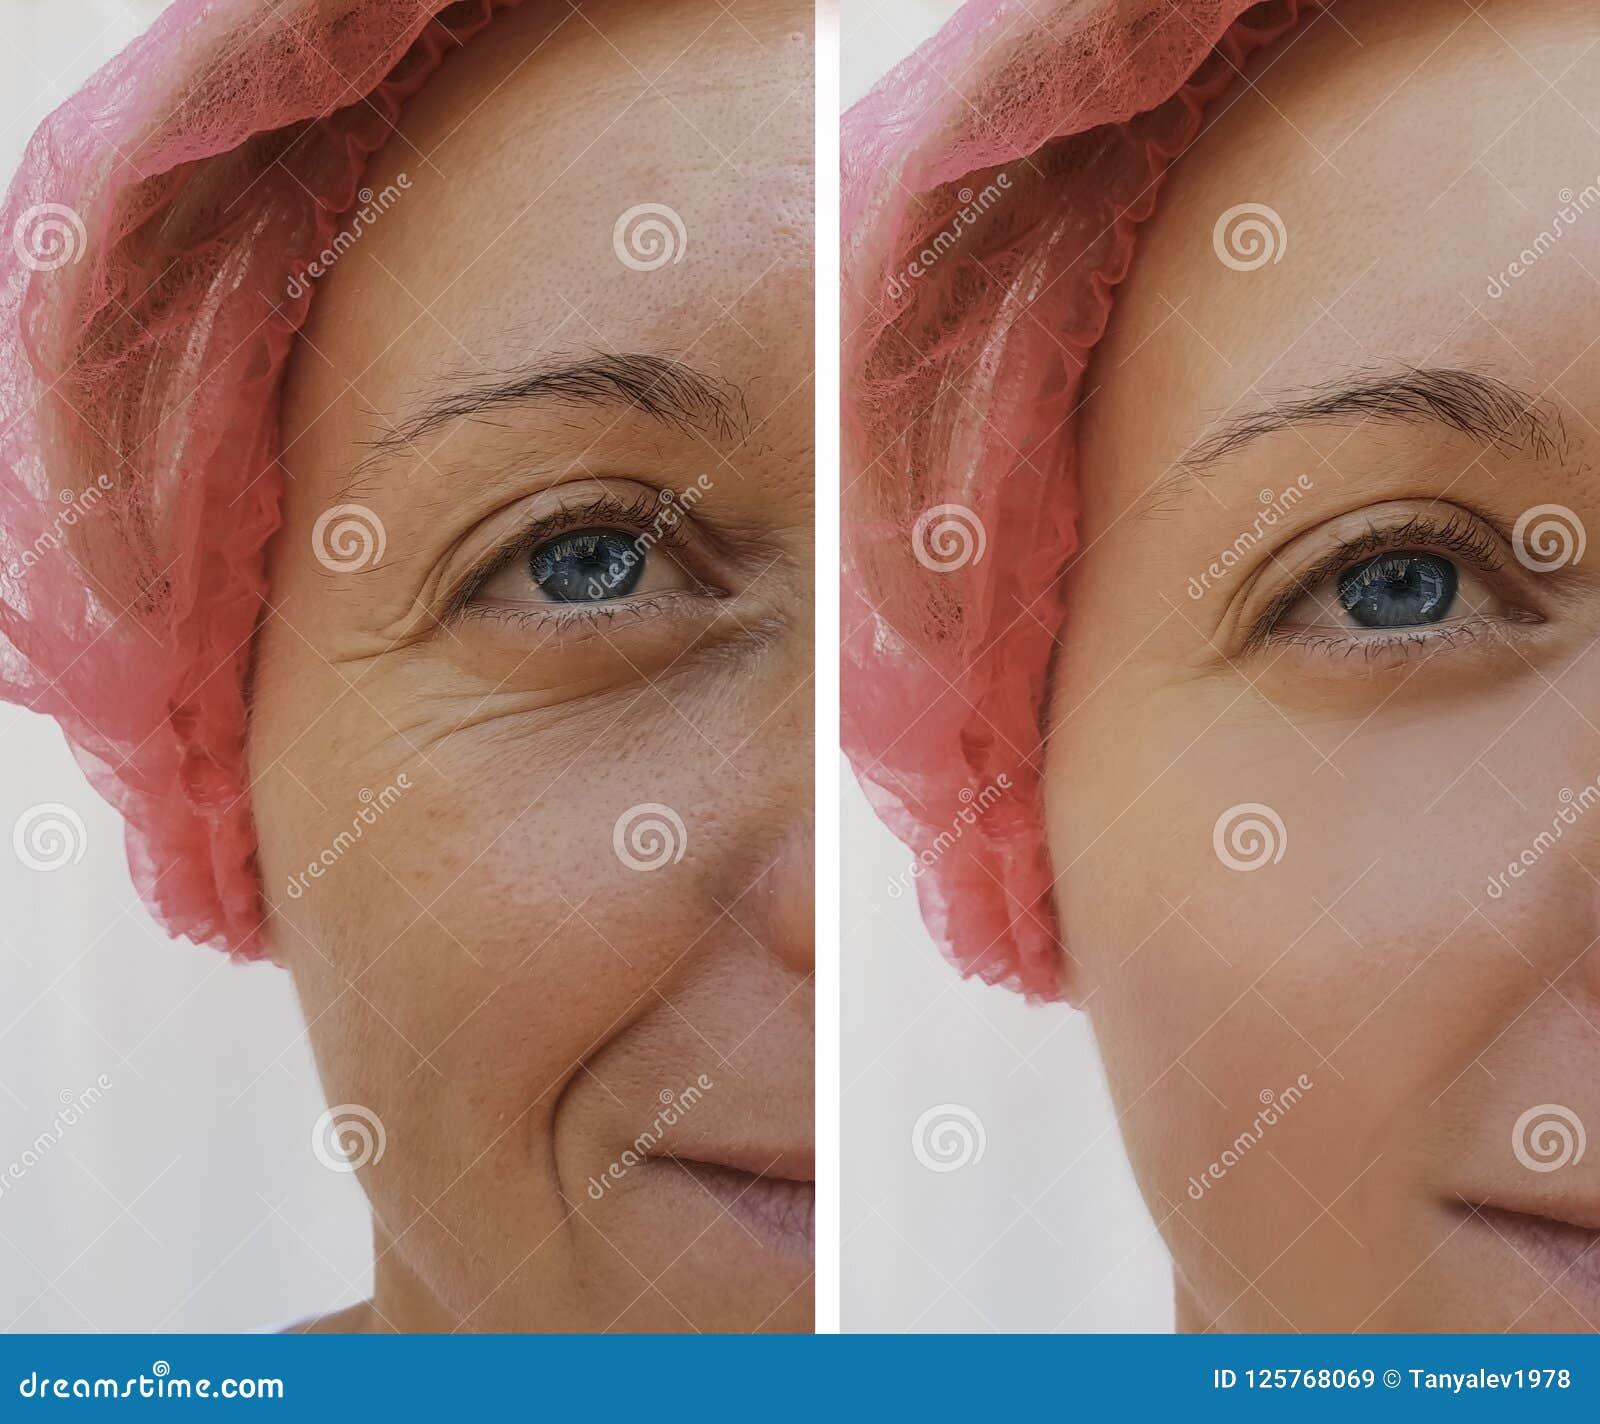 Υπομονετική δερματολογία ρυτίδων γυναικών προσώπου πριν και μετά από τις καλλυντικές διαδικασίες αντι-γήρανσης